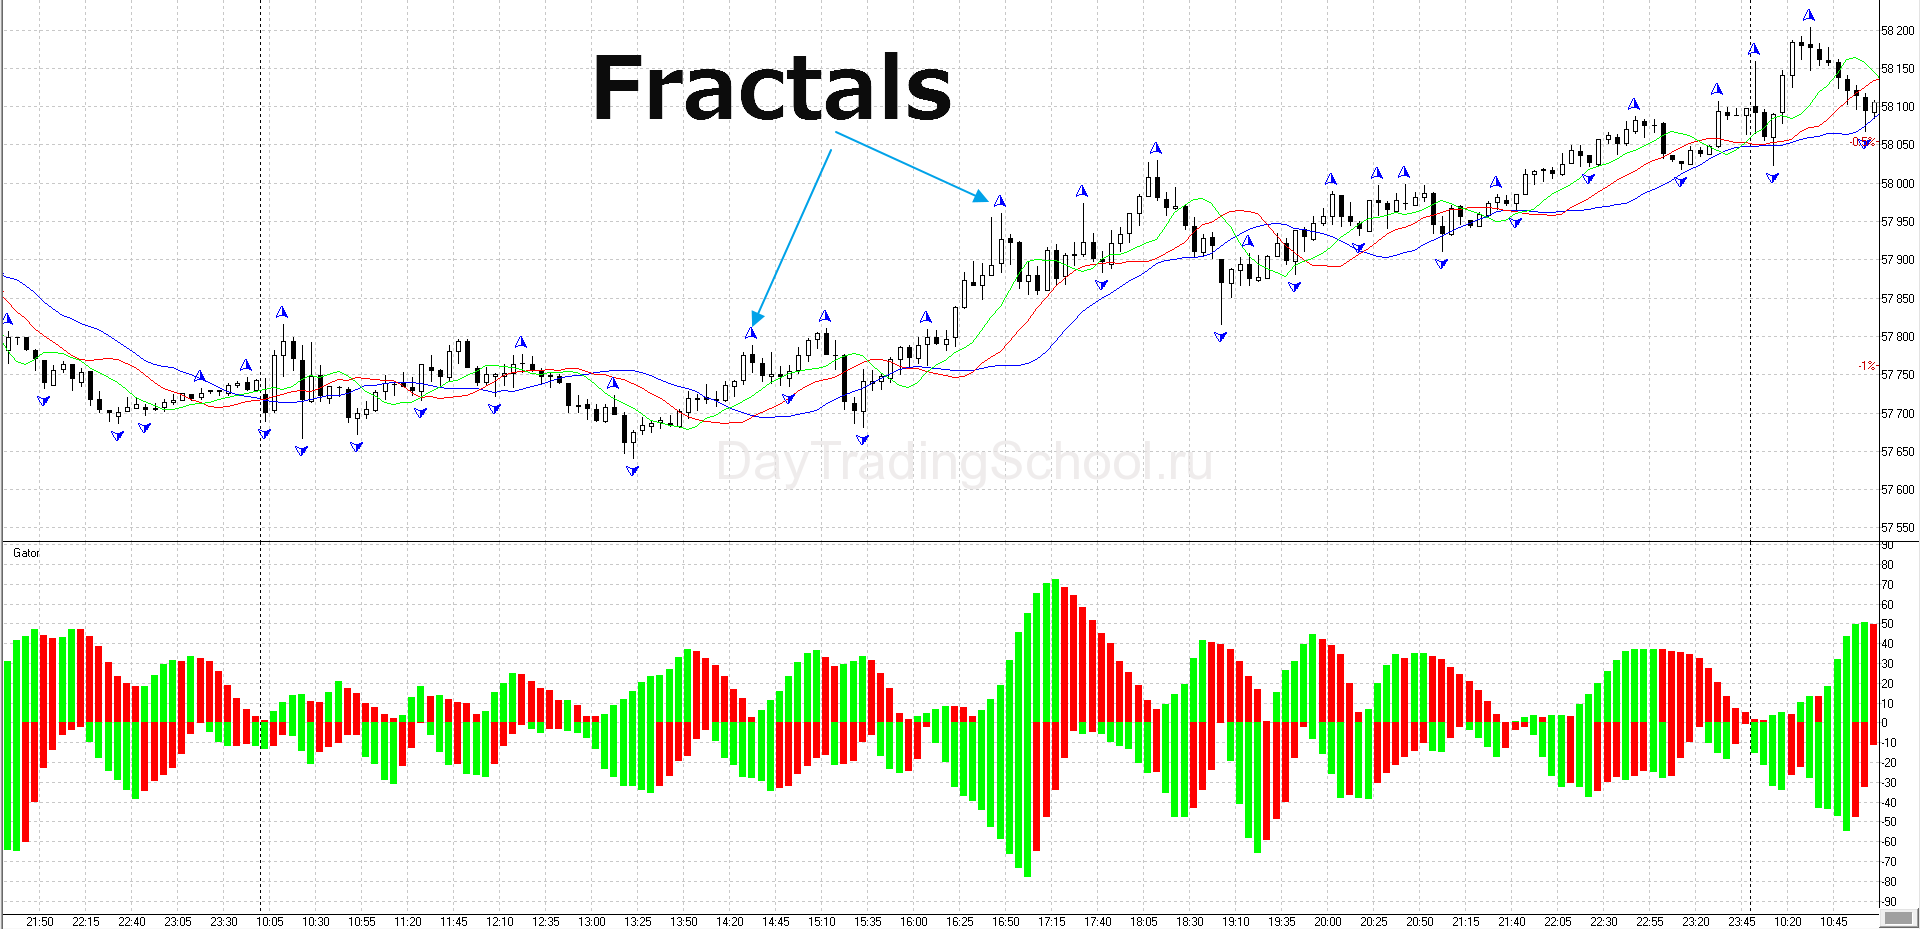 Fractals-график